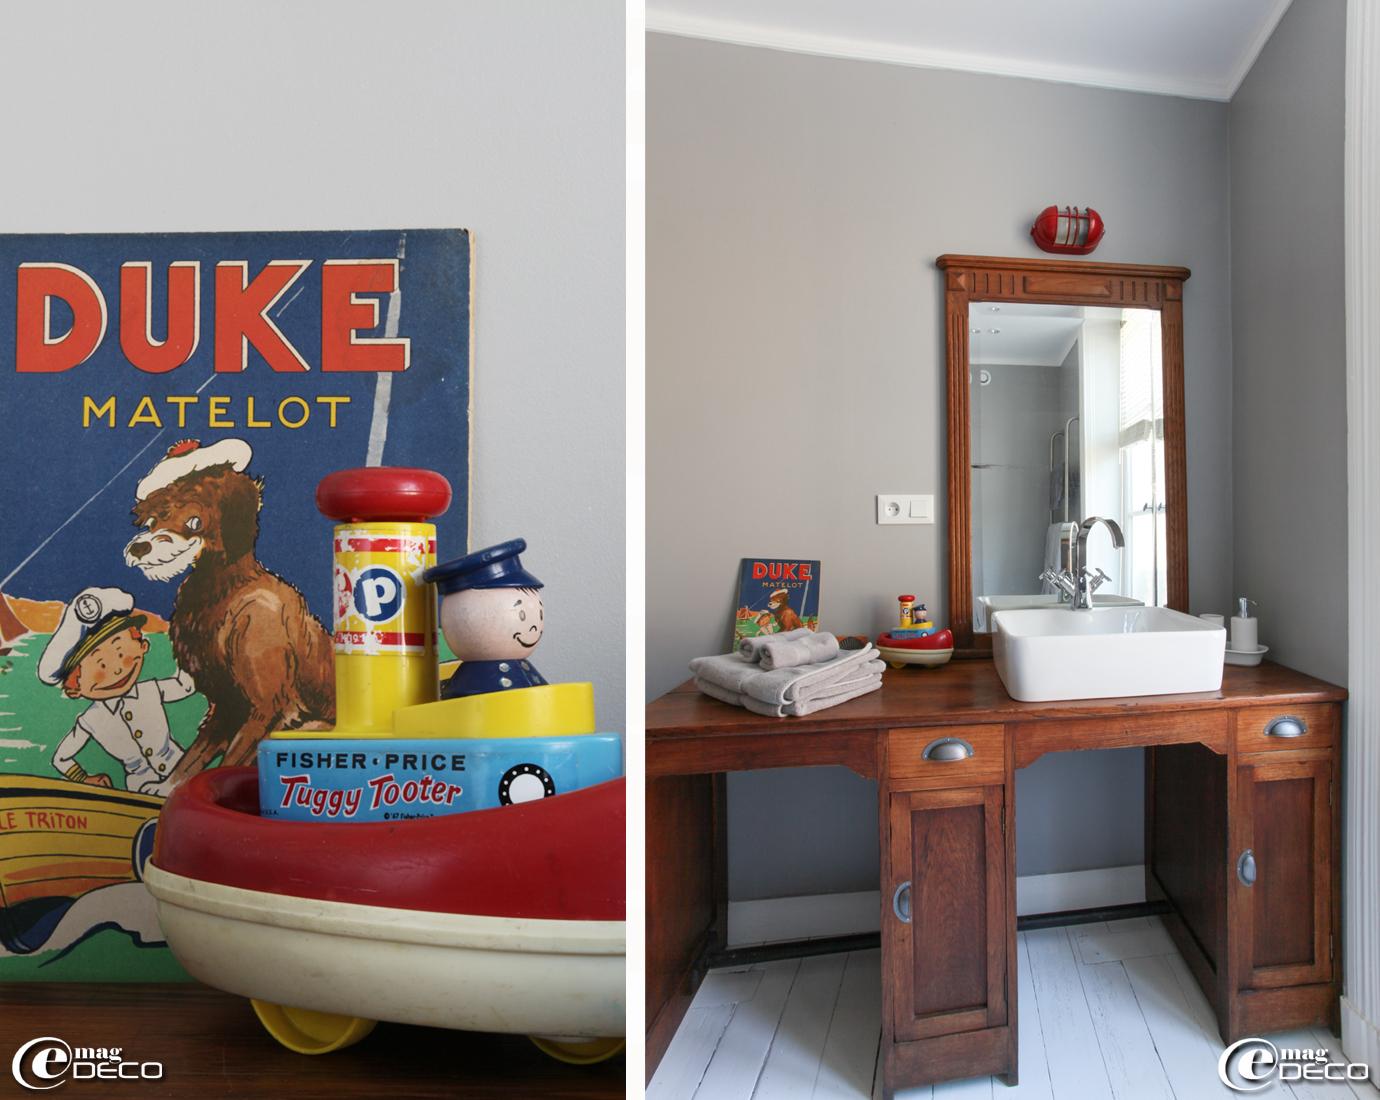 Un double bureau ancien acheté à la brocante 'L'Horloge Penchée' se métamorphose en meuble de toilette, un livre d'enfant ancien 'Duke et le Matelot' chiné sur 'eBay' et un bateau 'Fisher Price' datant de 1967 dégoté chez 'Les happy vintage.fr'